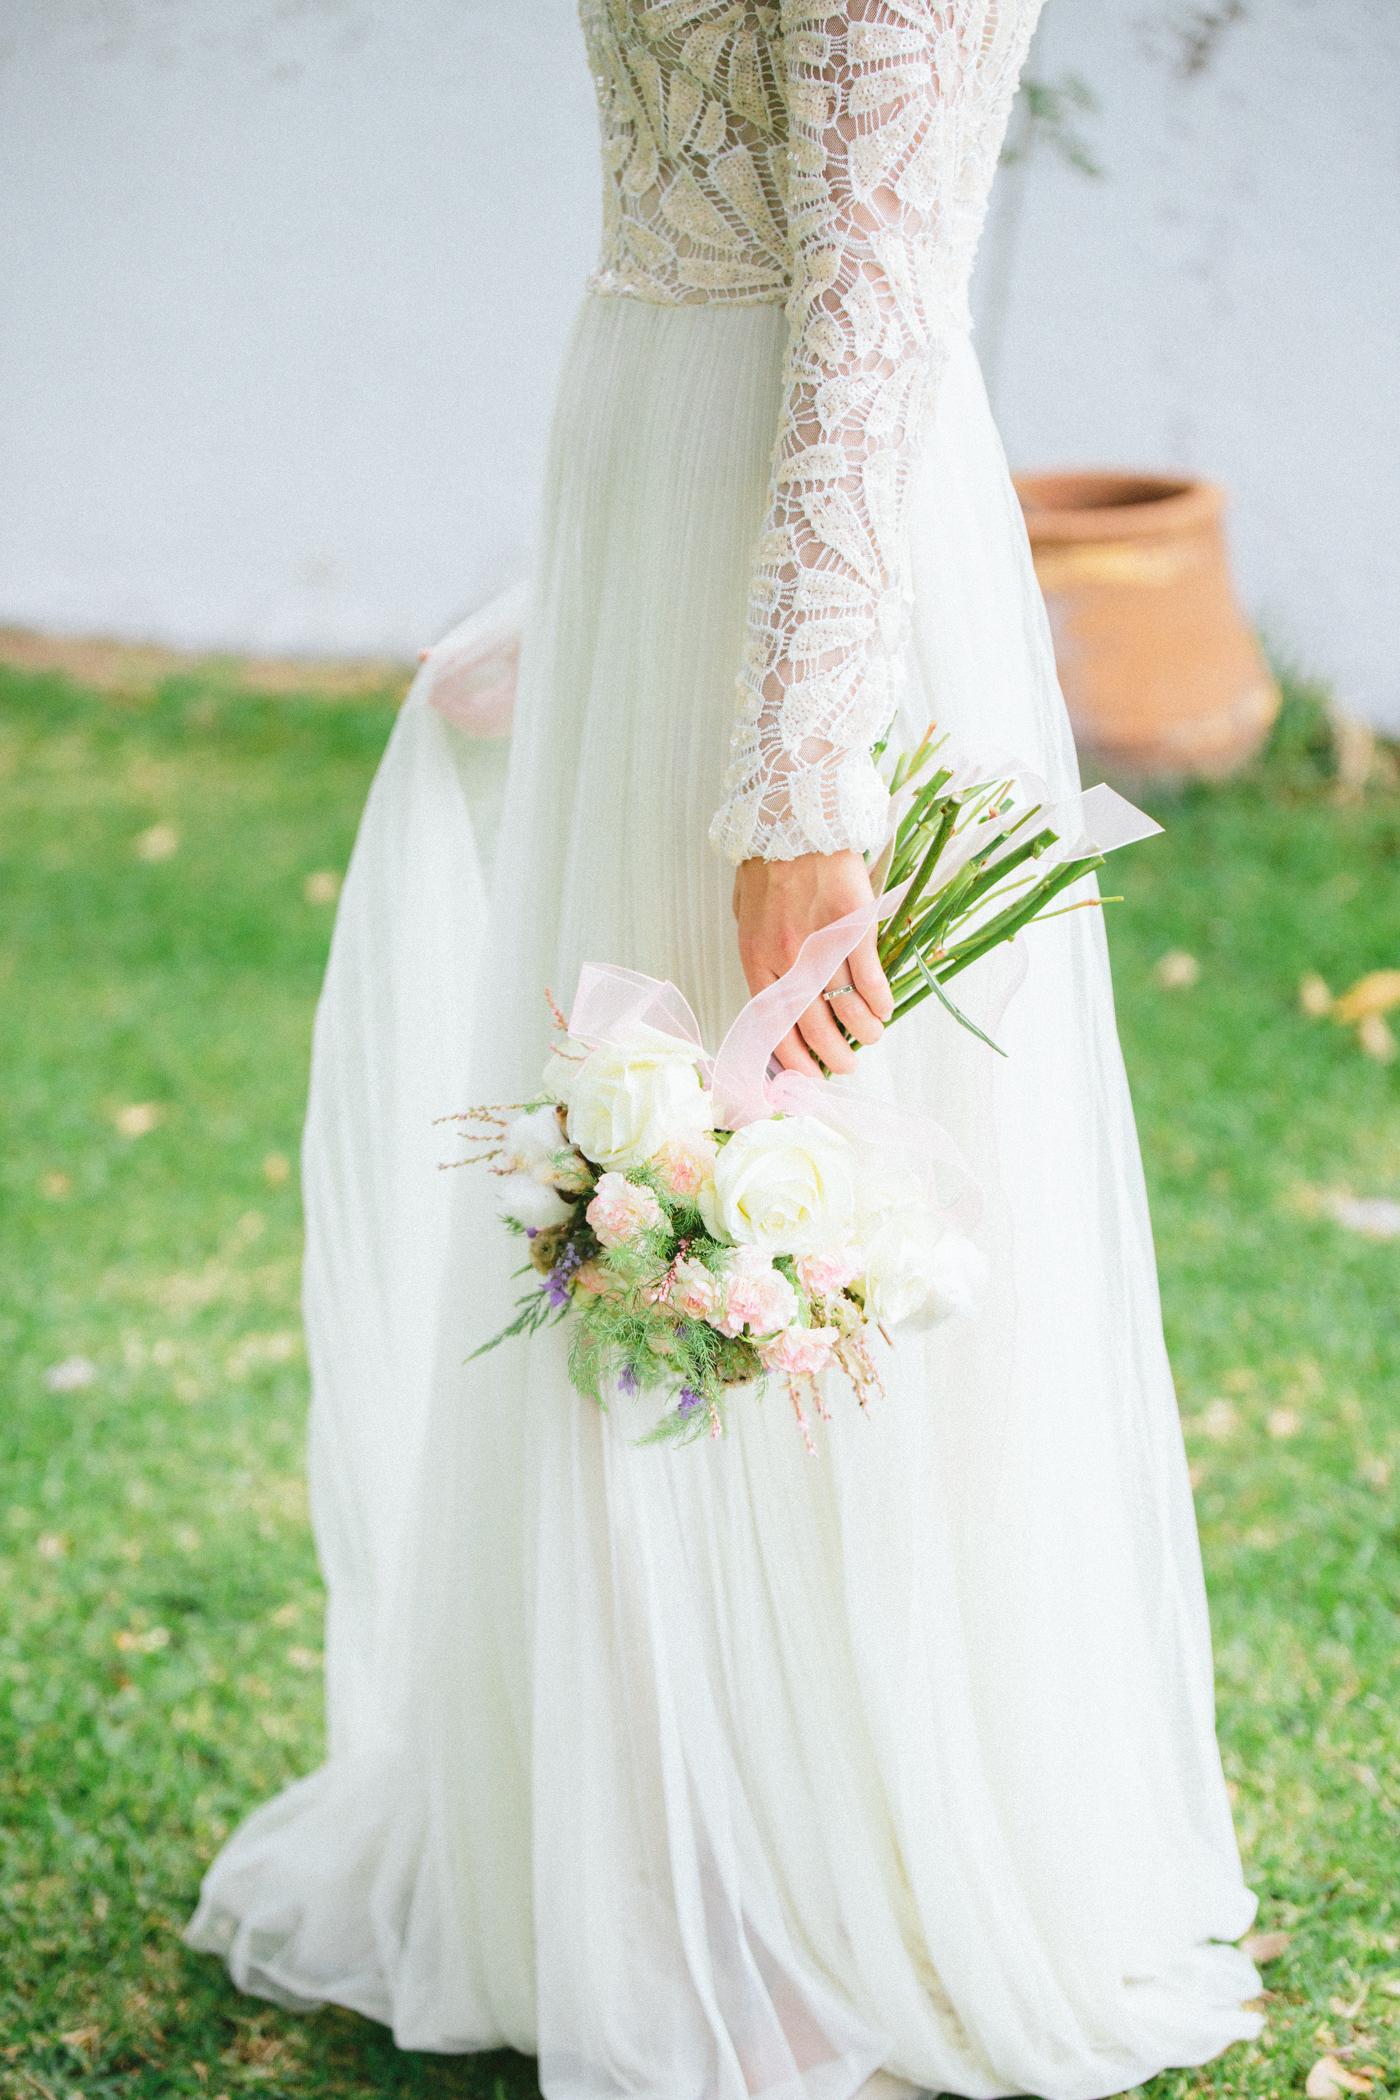 HELLOSOLPHOTO FOTOS DE BODA GUADALAJARA ramos de novia